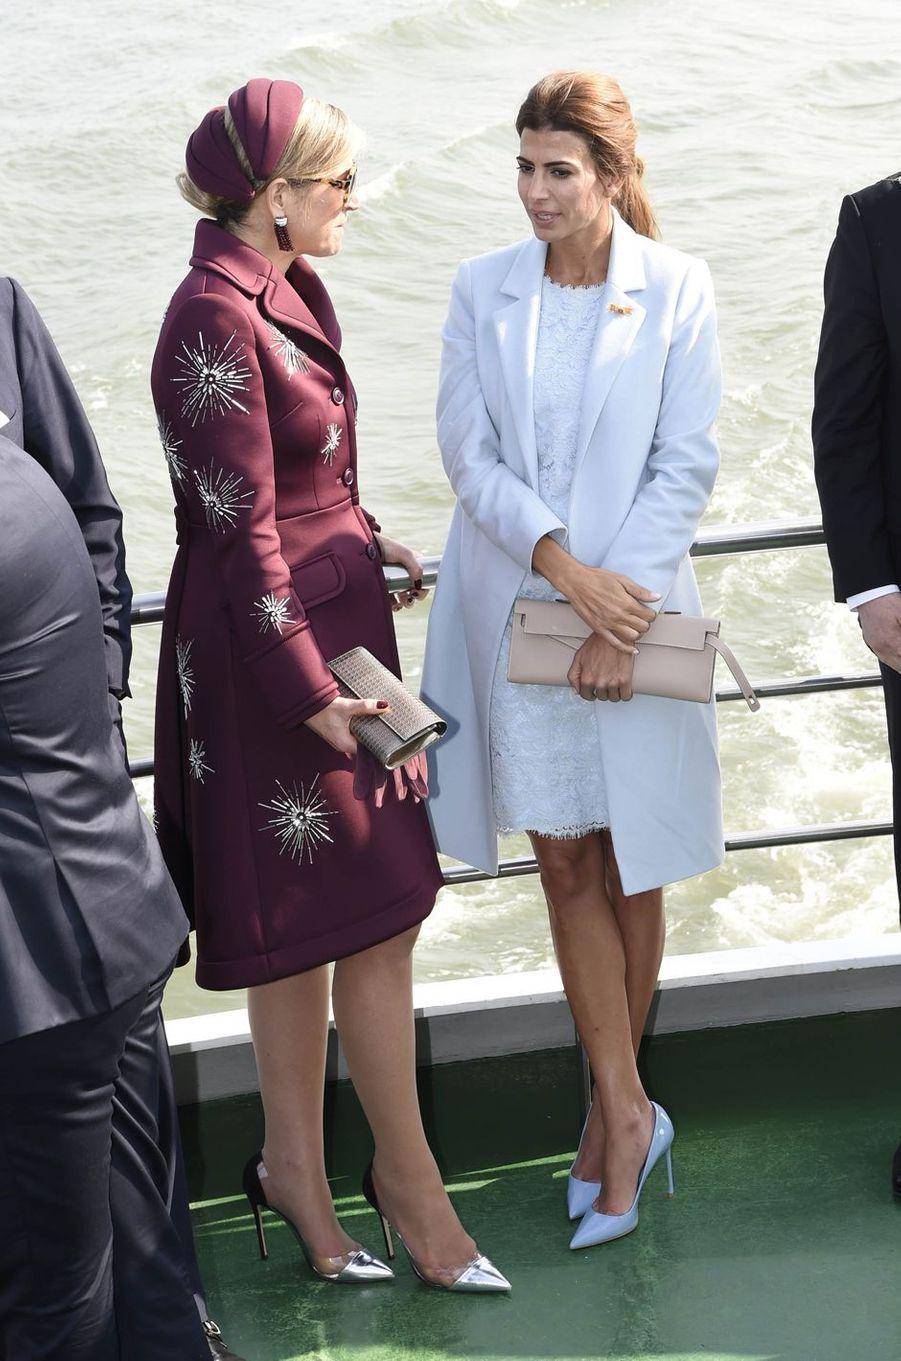 La reine Maxima des Pays-Bas et Juliana Awada à Rotterdam, le 28 mars 2017